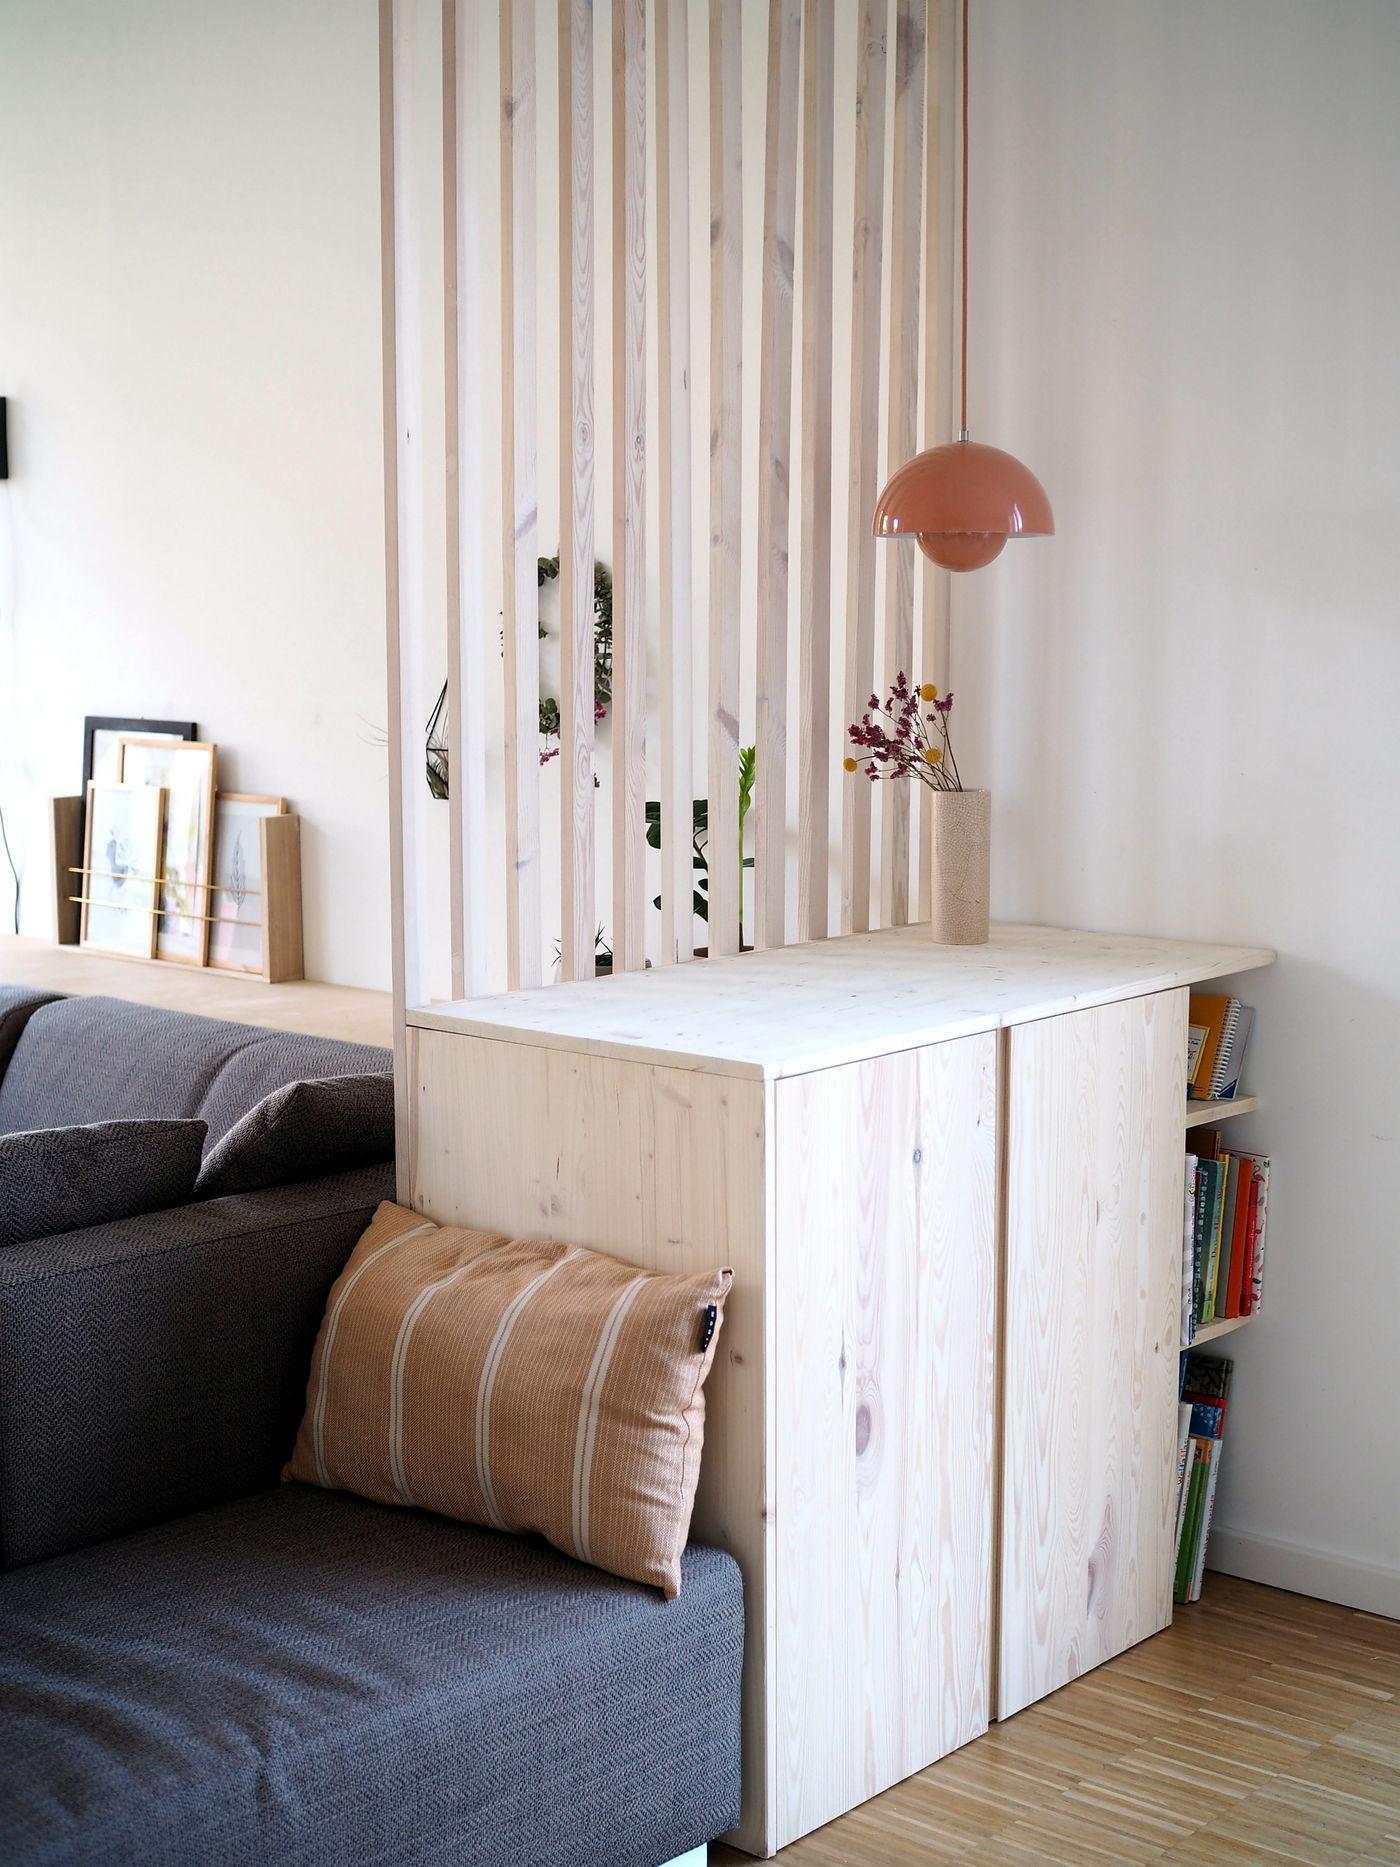 Full Size of Trennwand Ikea Paravent Garten Wetterfest Ideen Fr Raumteiler Und Küche Kosten Kaufen Modulküche Miniküche Sofa Mit Schlaffunktion Betten Bei 160x200 Wohnzimmer Trennwand Ikea